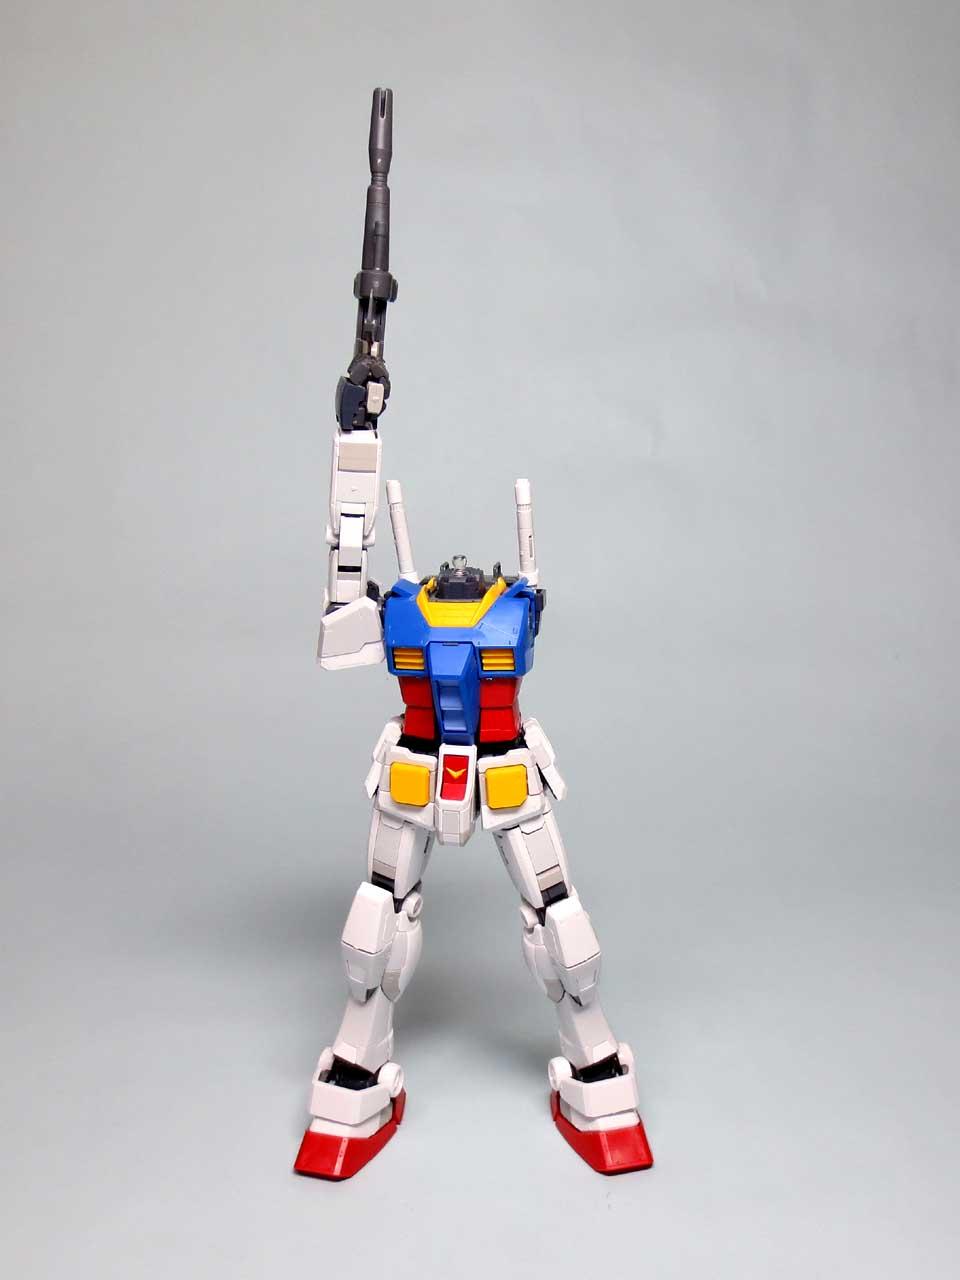 MG_RX78_2_Gundam_Ver3_B12.jpg